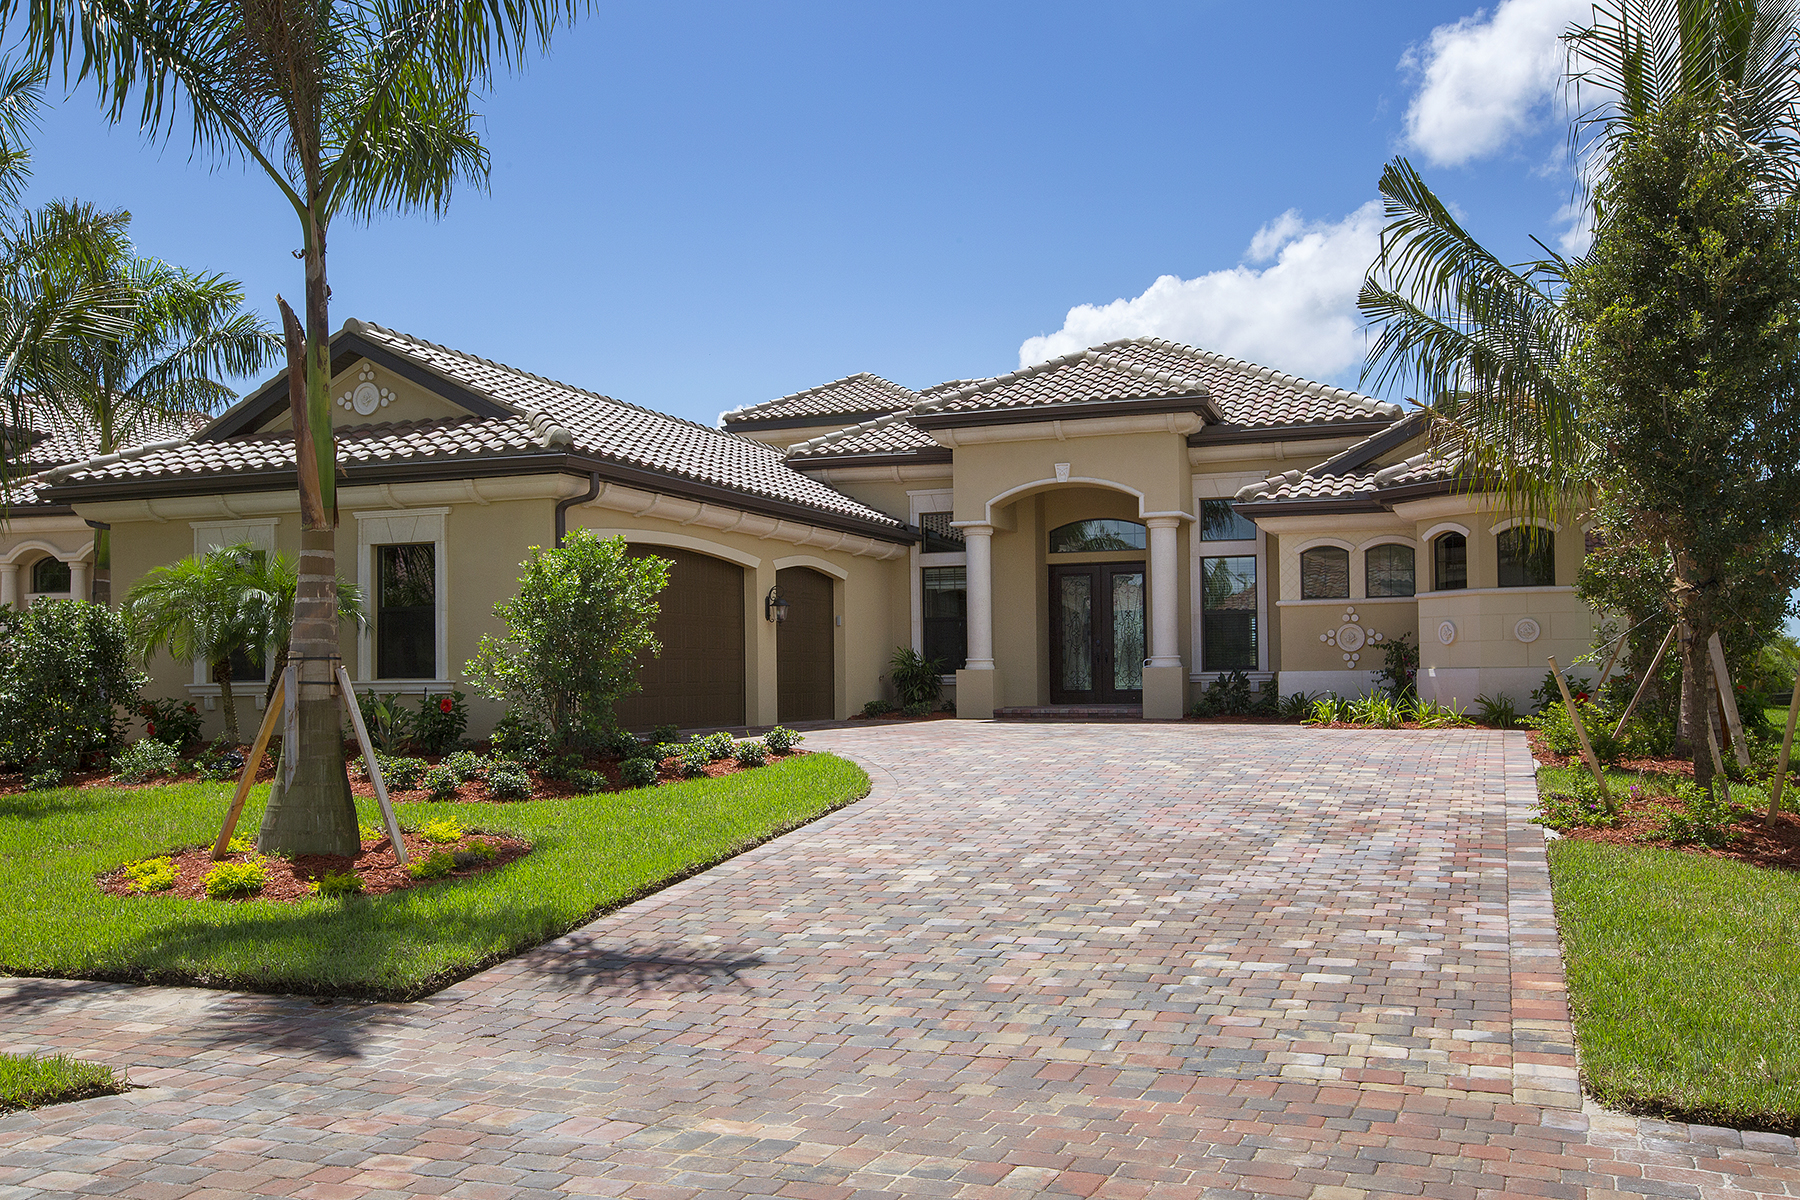 Частный односемейный дом для того Продажа на FIDDLER'S CREEK - RUNAWAY BAY 3278 Runaway Ln Naples, Флорида, 34114 Соединенные Штаты